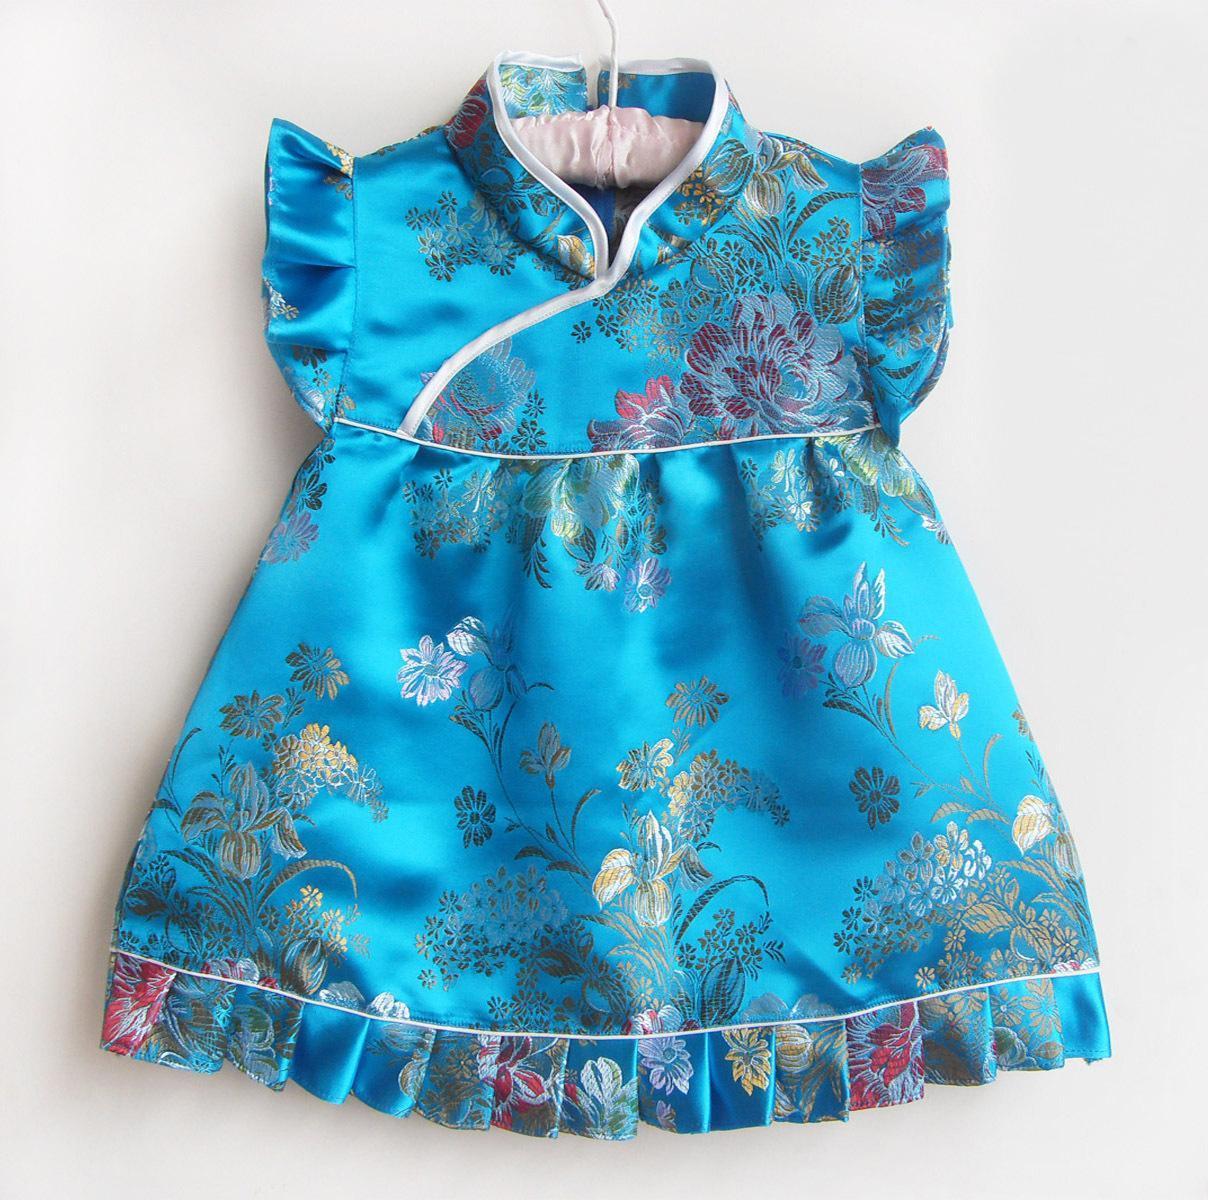 17 самых миленьких платьев для малышек со всего интернета, сшитых своими 45